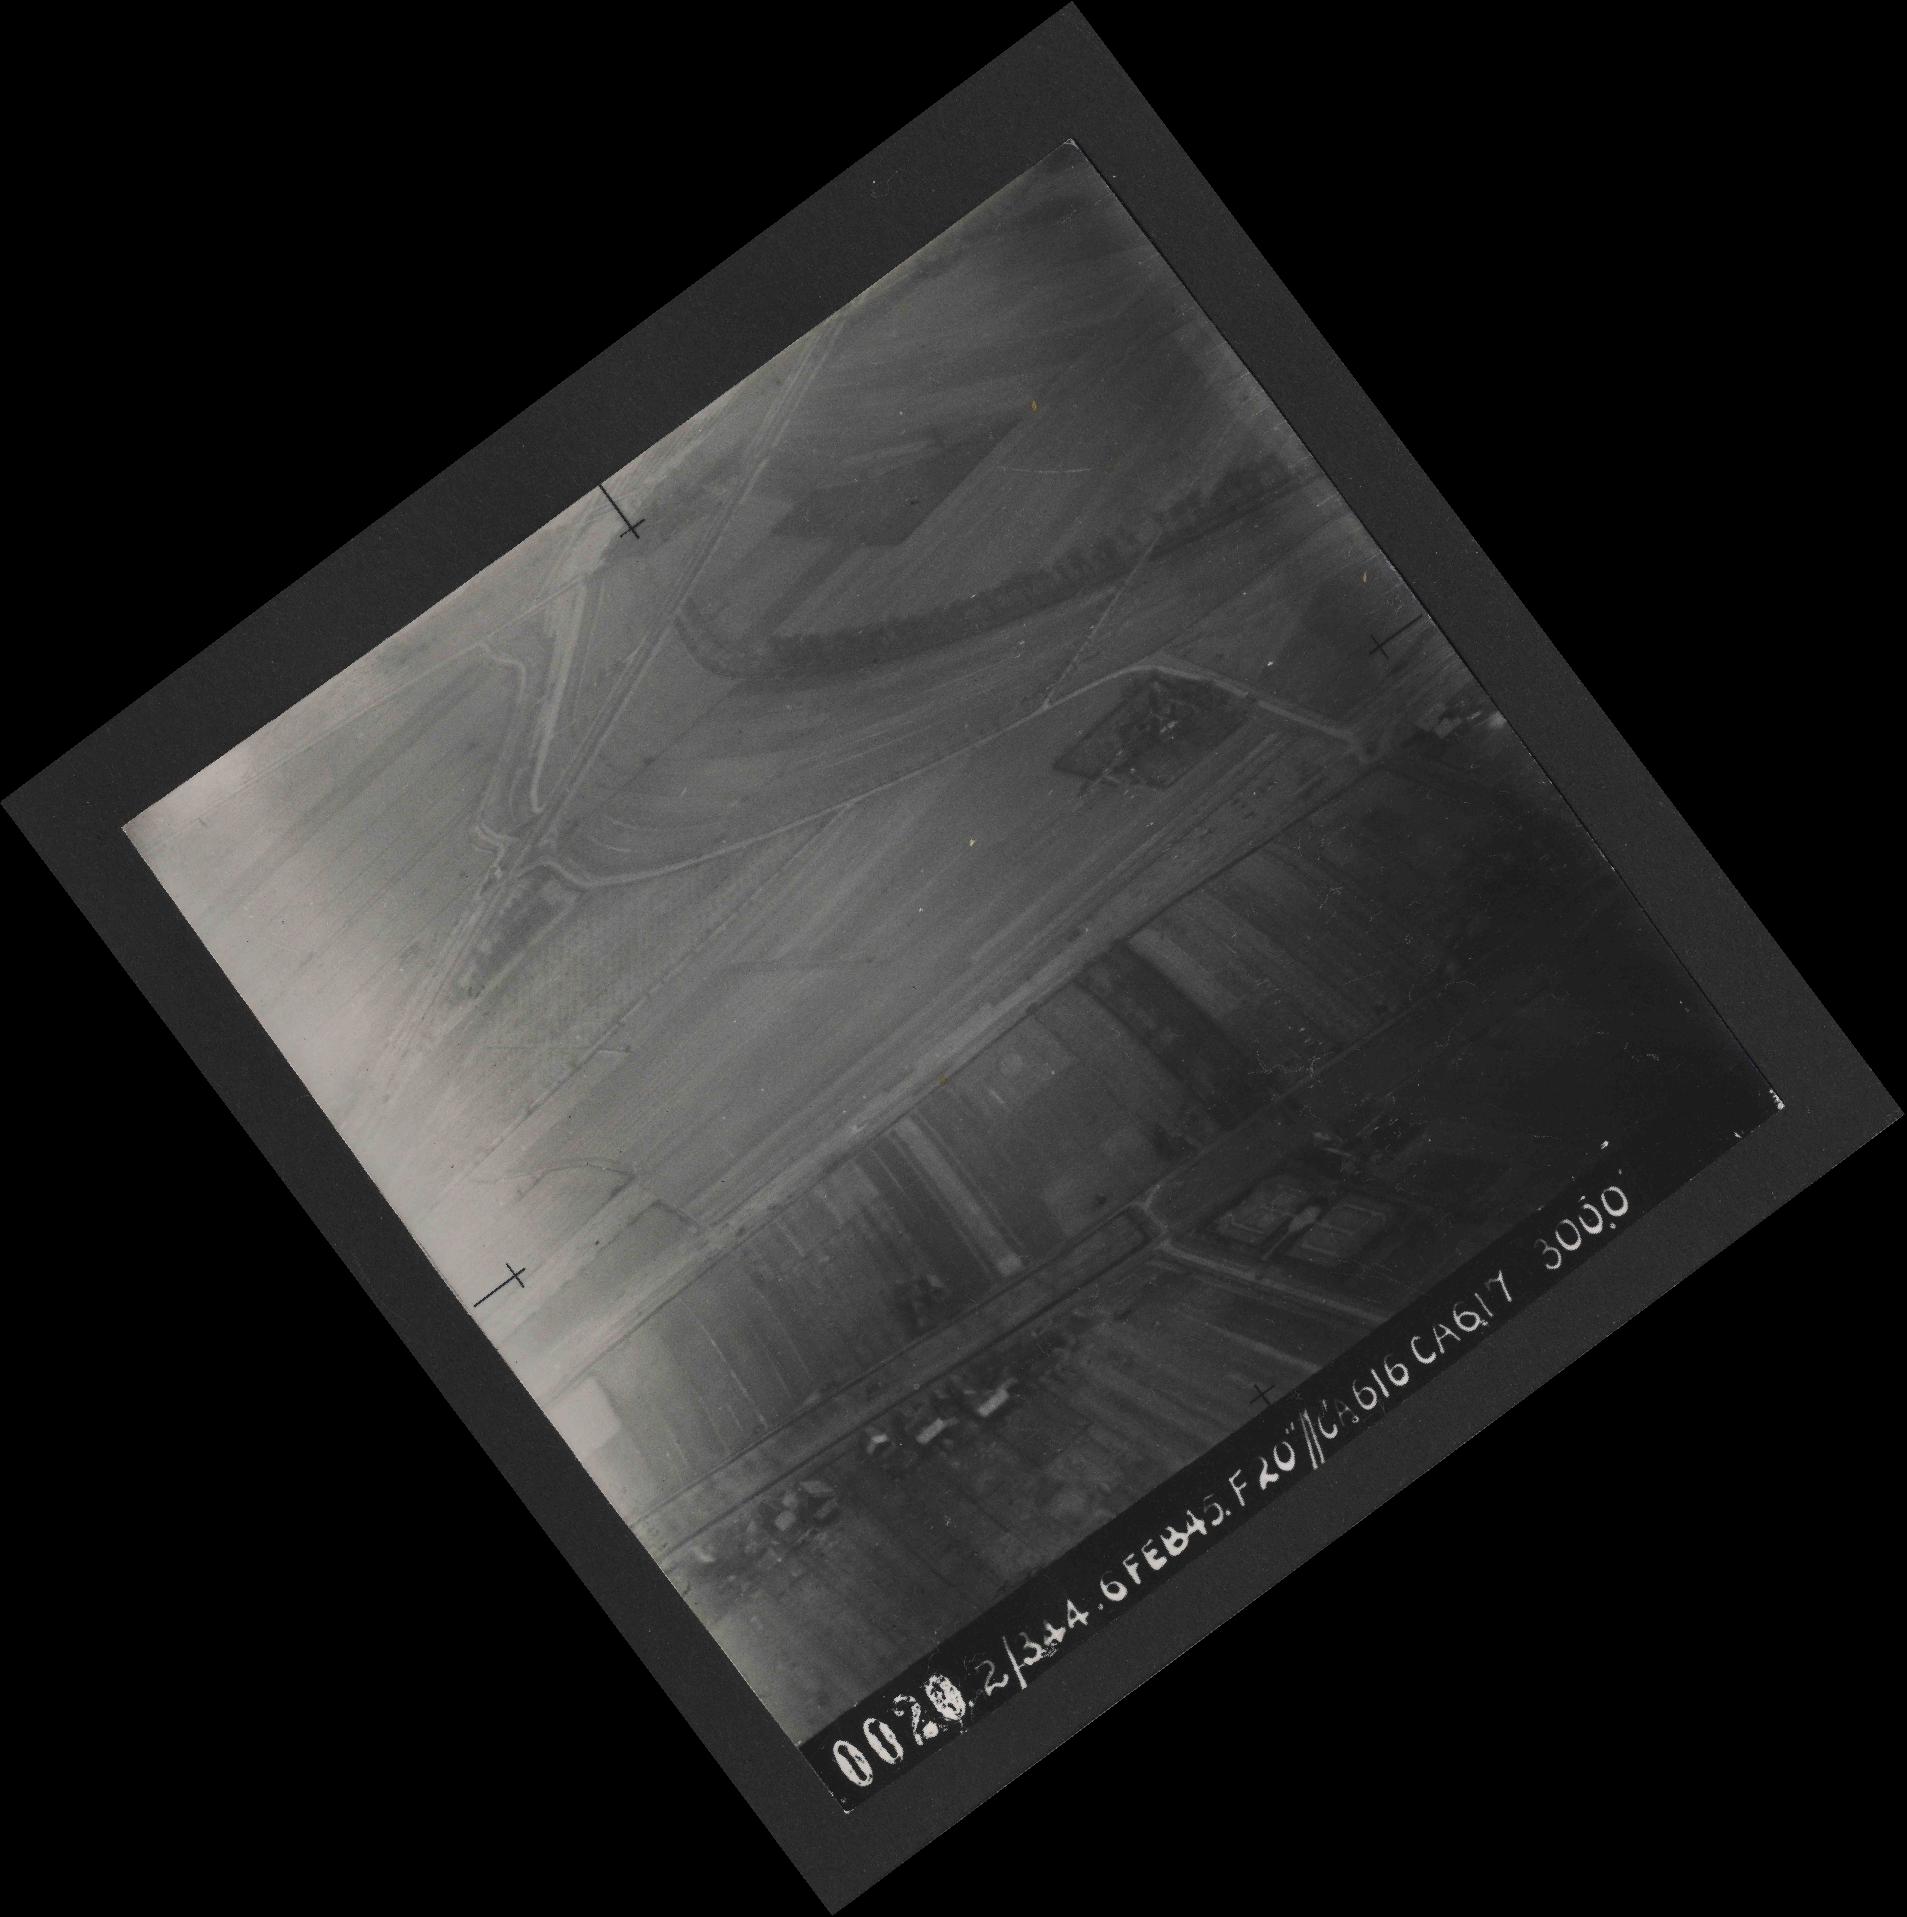 Collection RAF aerial photos 1940-1945 - flight 532, run 01, photo 0020